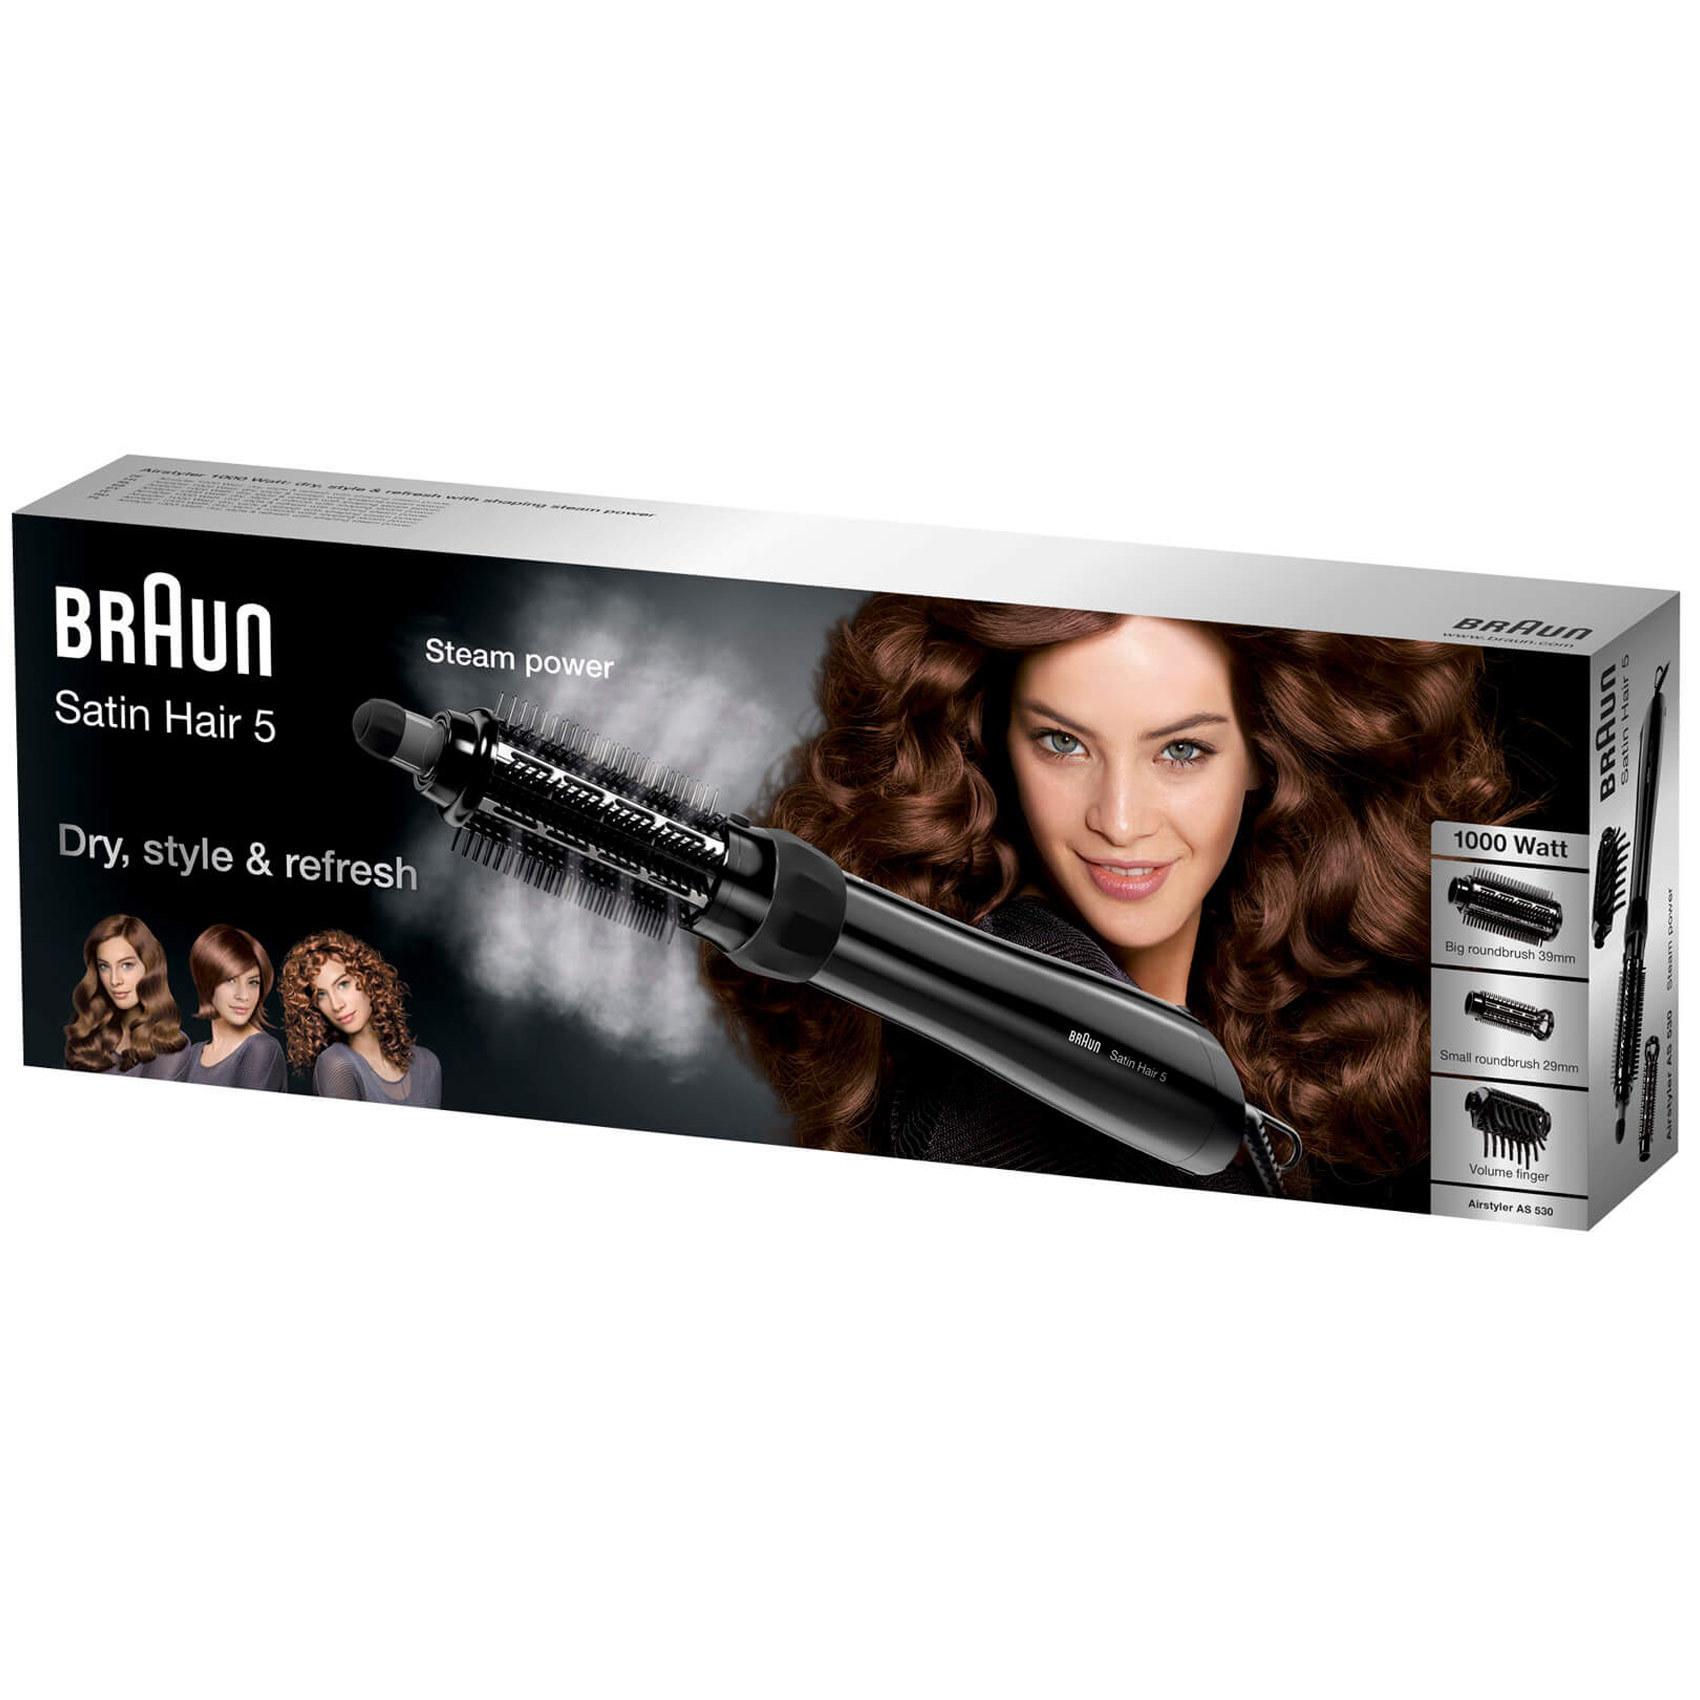 BRAUN HAIR STYLER AS 530